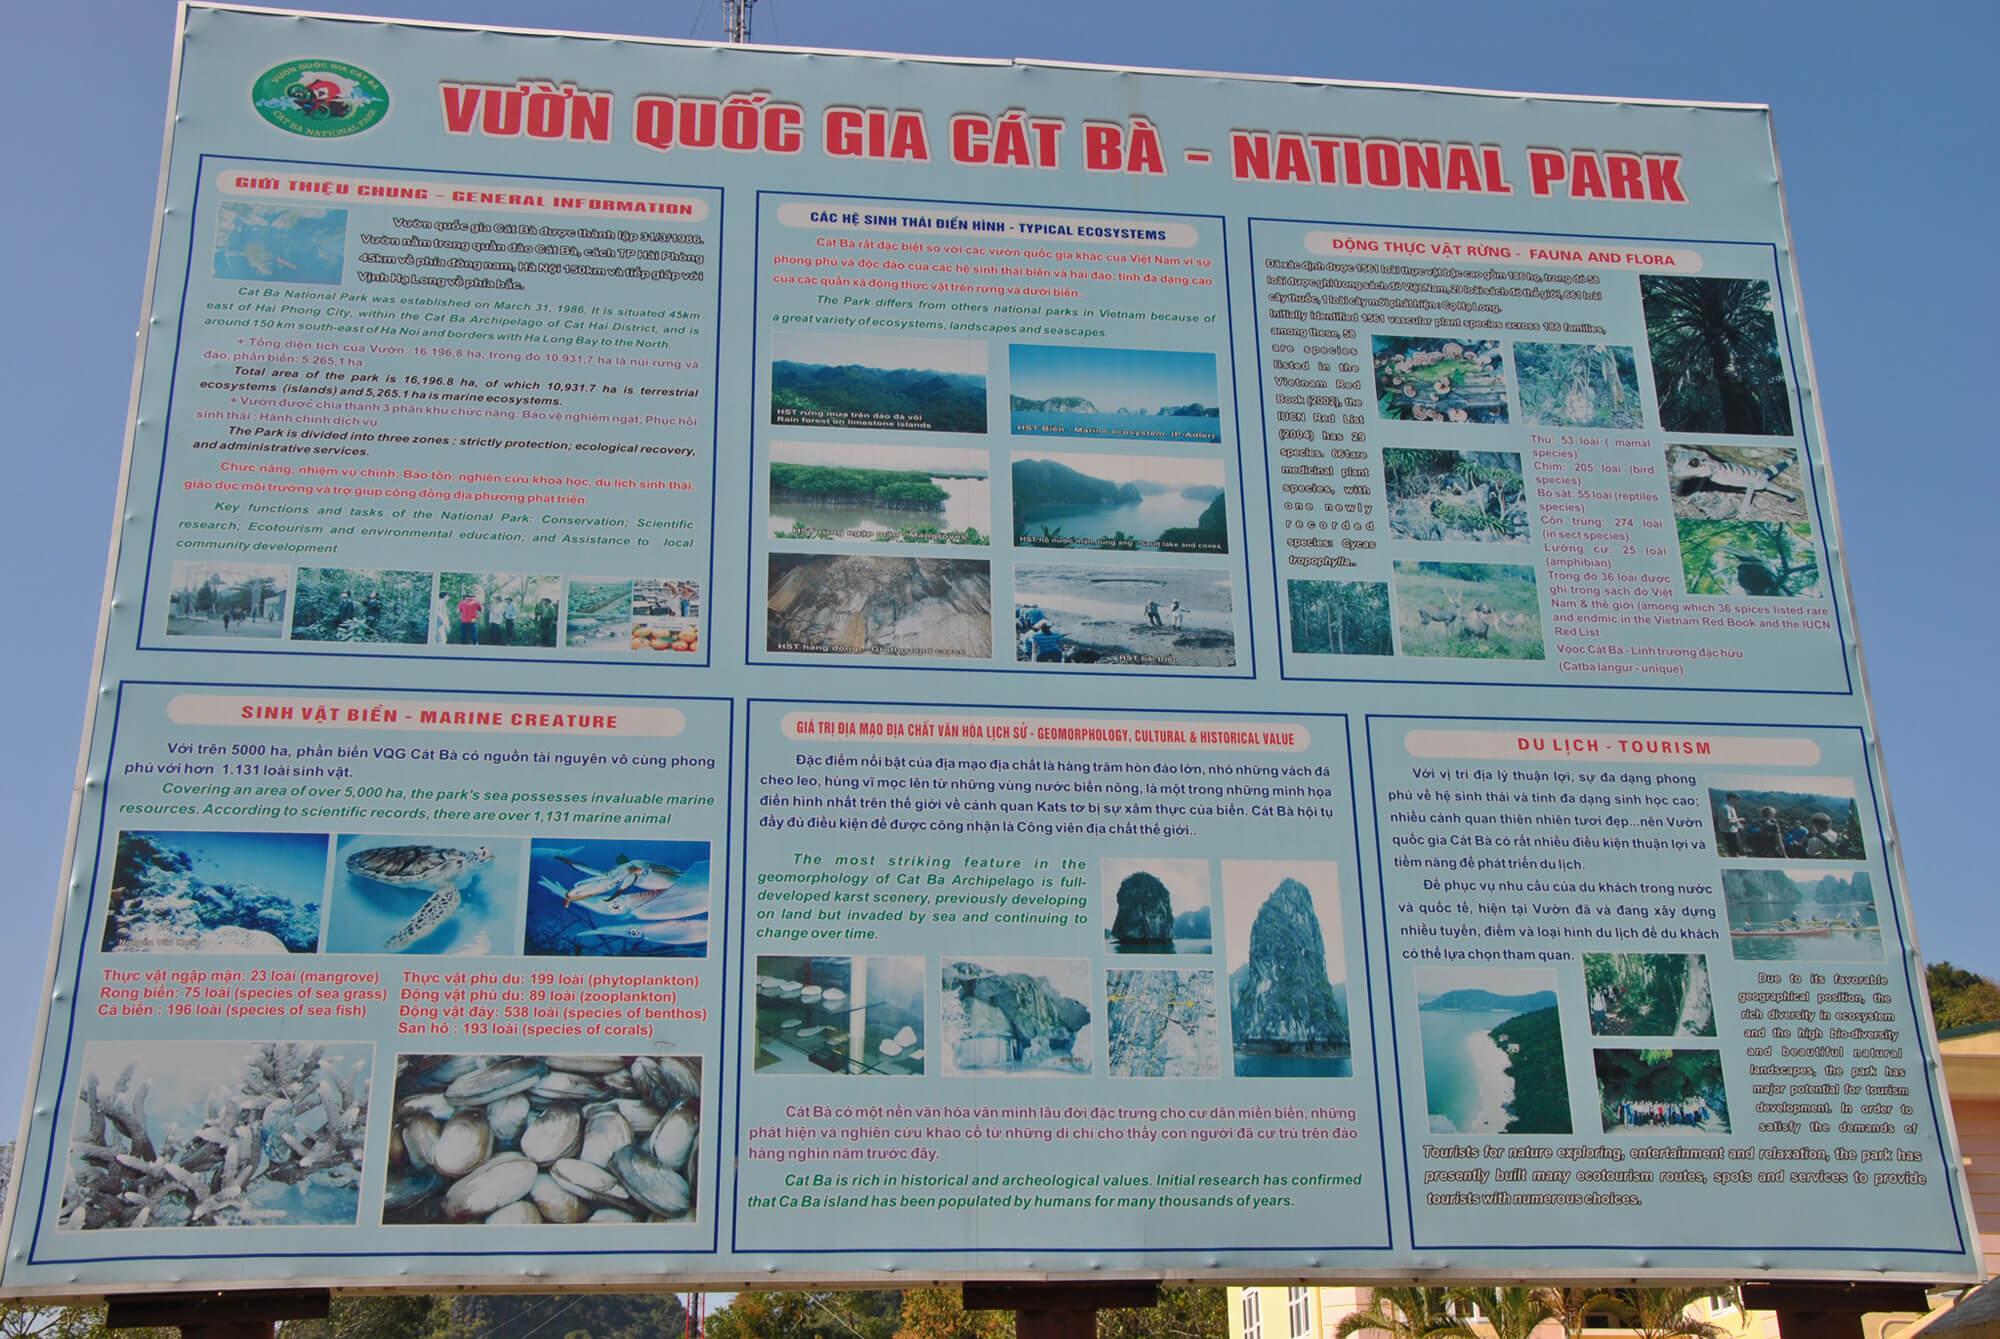 Информационный плакат при входе в парк Кат Ба в Хайфон